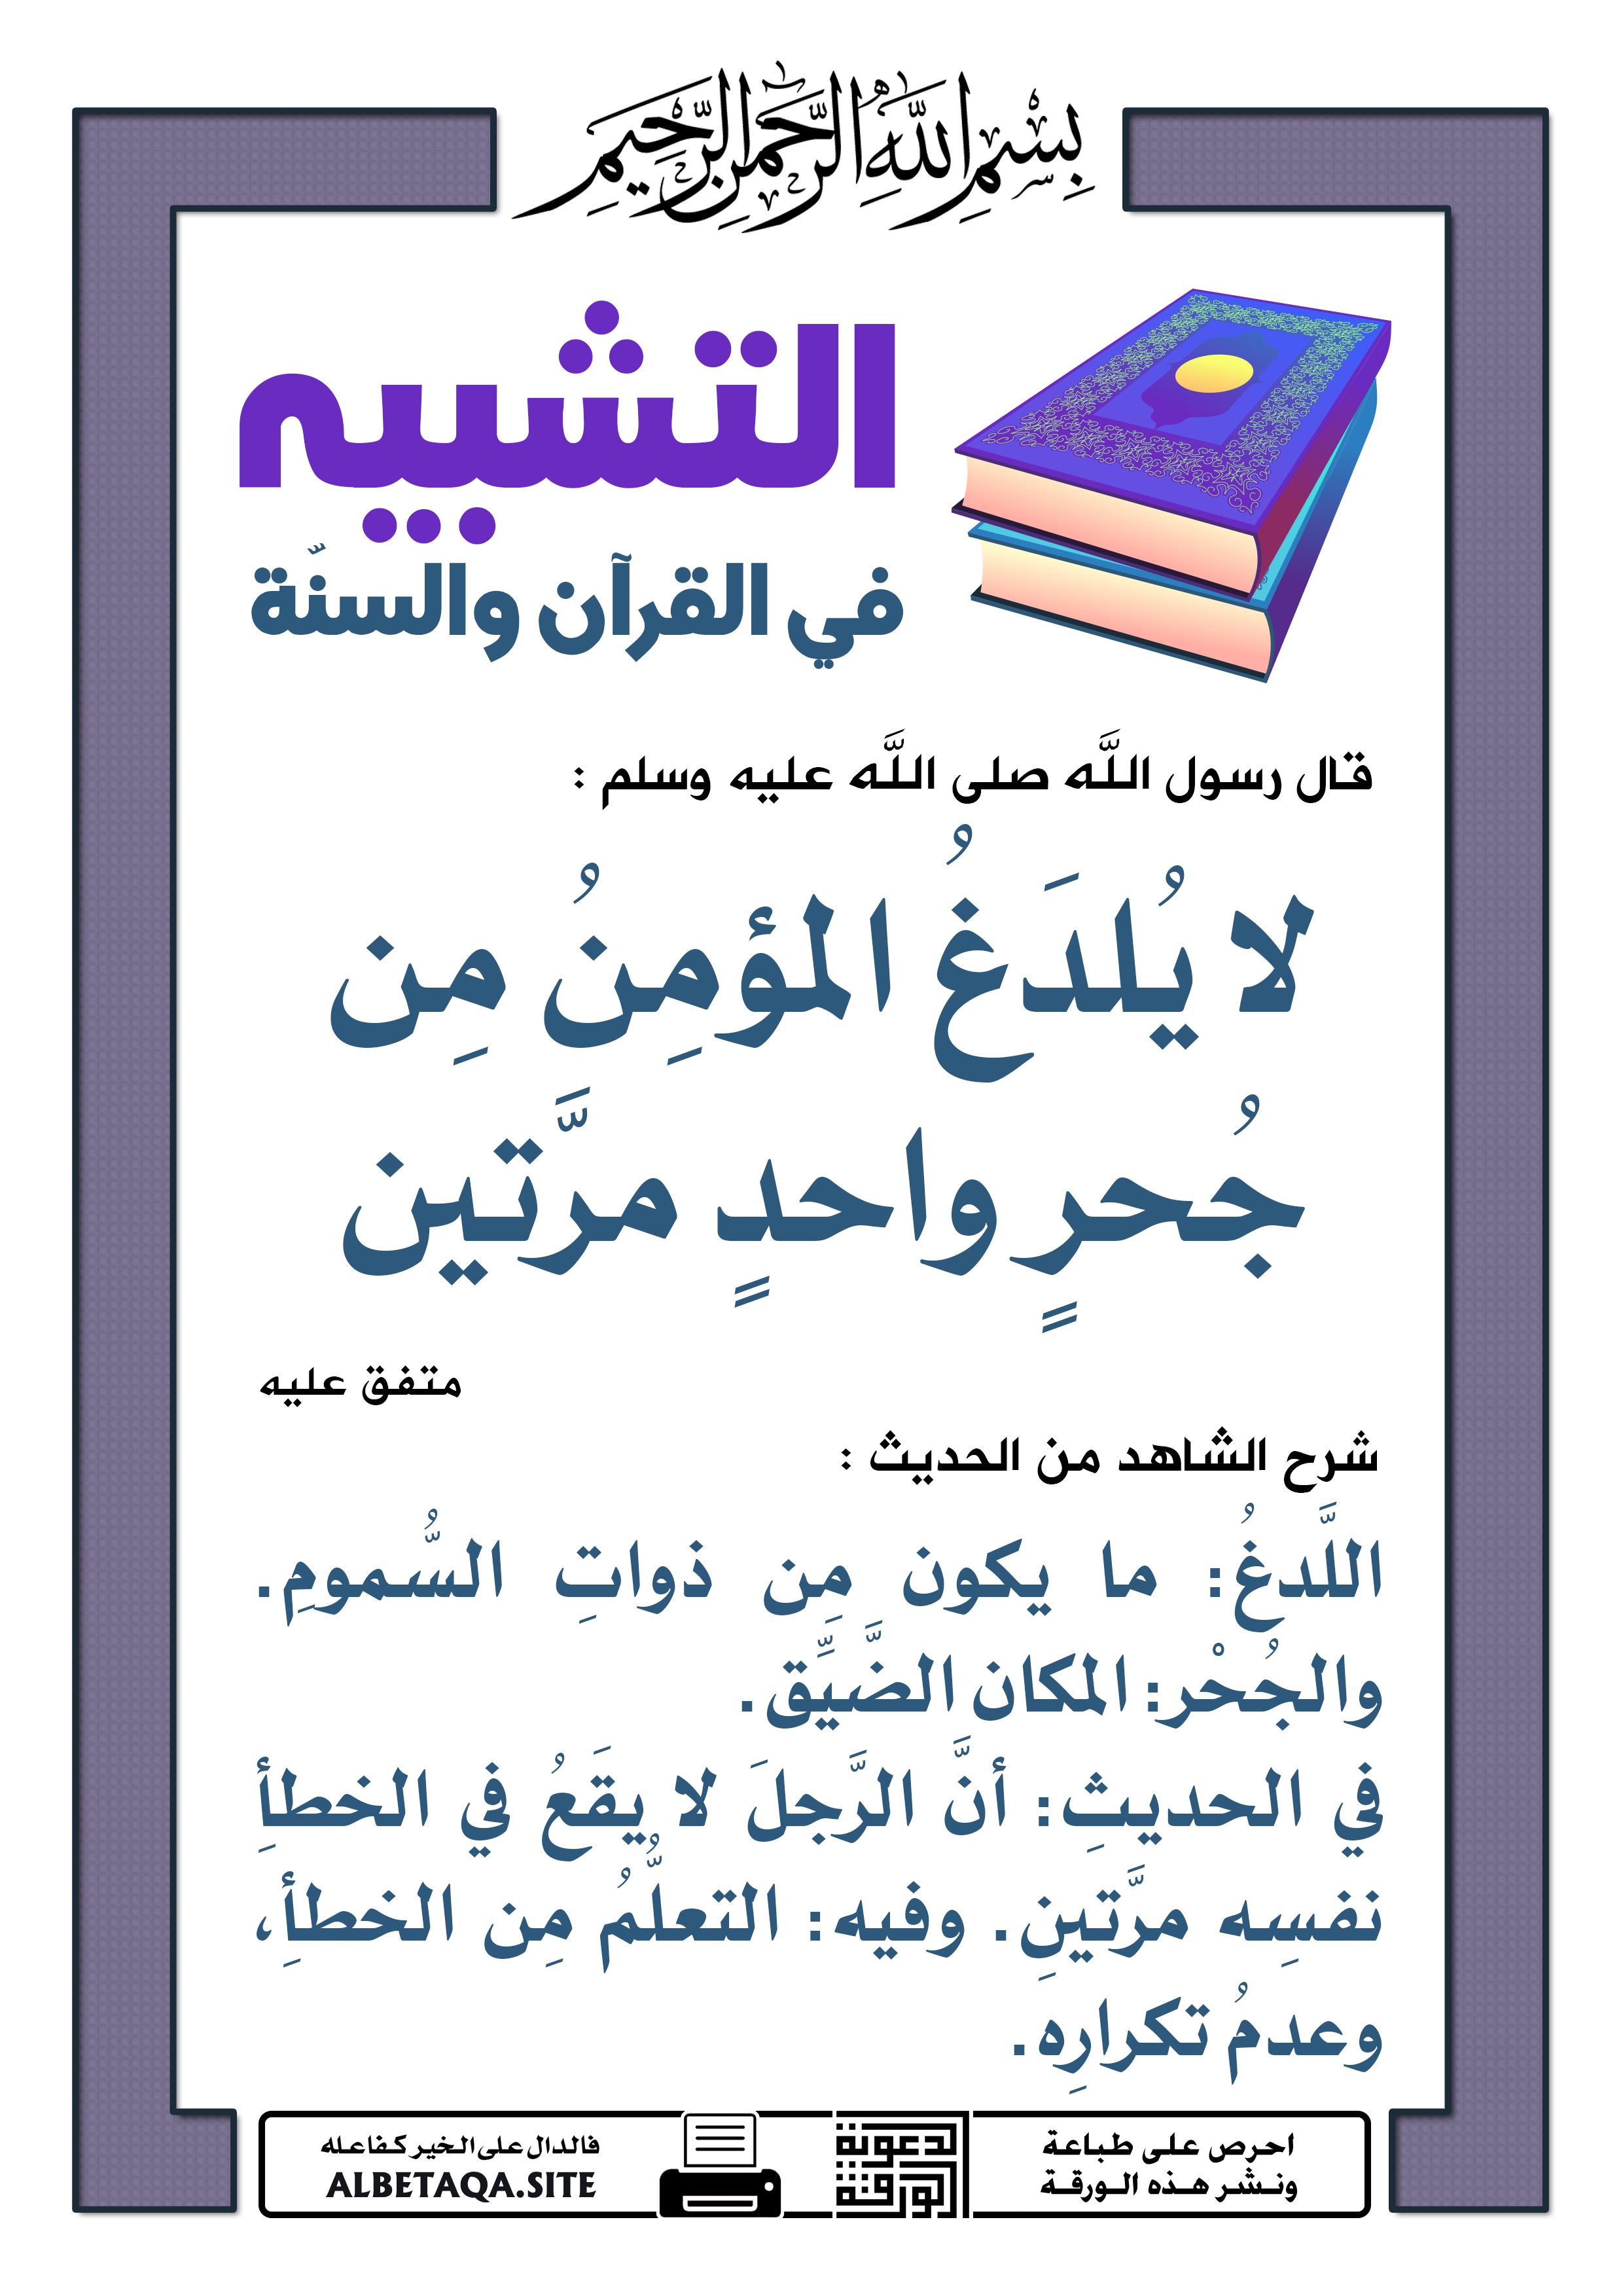 التشبيه في القرآن والسنة لا يلدغ المؤمن من جحر واحد مرتين موقع البطاقة الدعوي